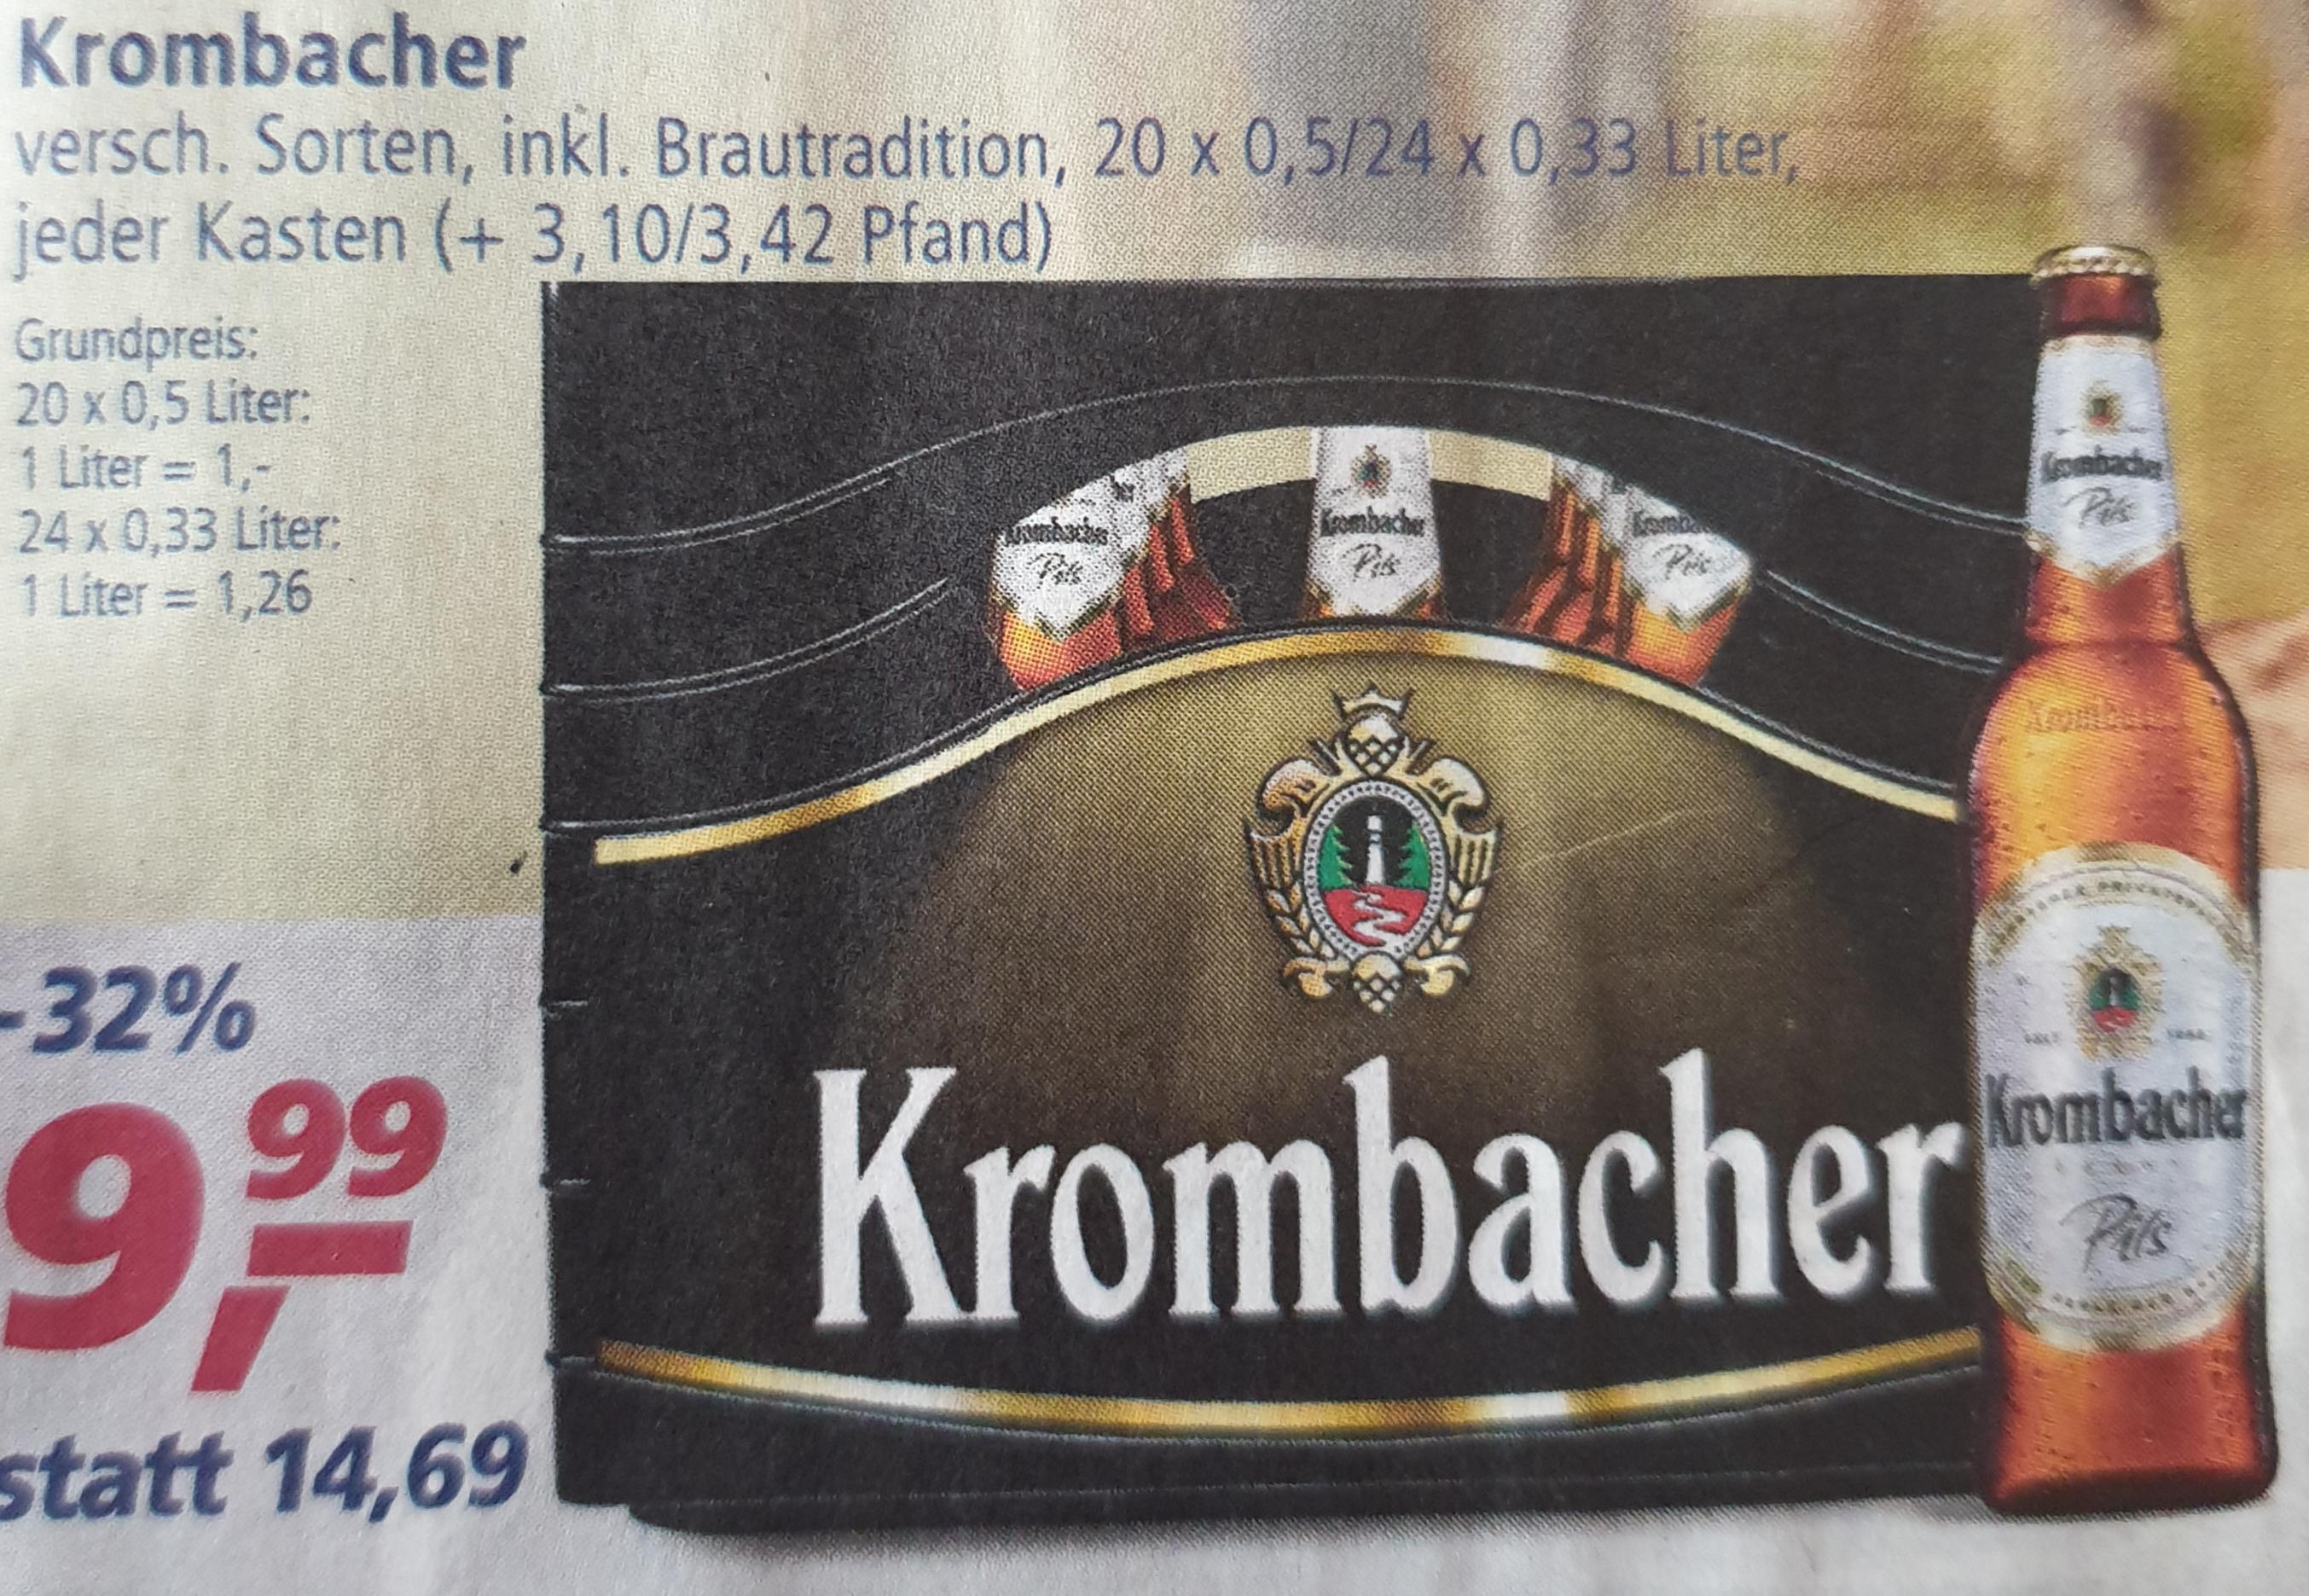 [ Real + Marktguru App ] Krombacher 20*0,5 L oder 24*0,33 L ( mit 1€ Cashback nur 8,99€ )